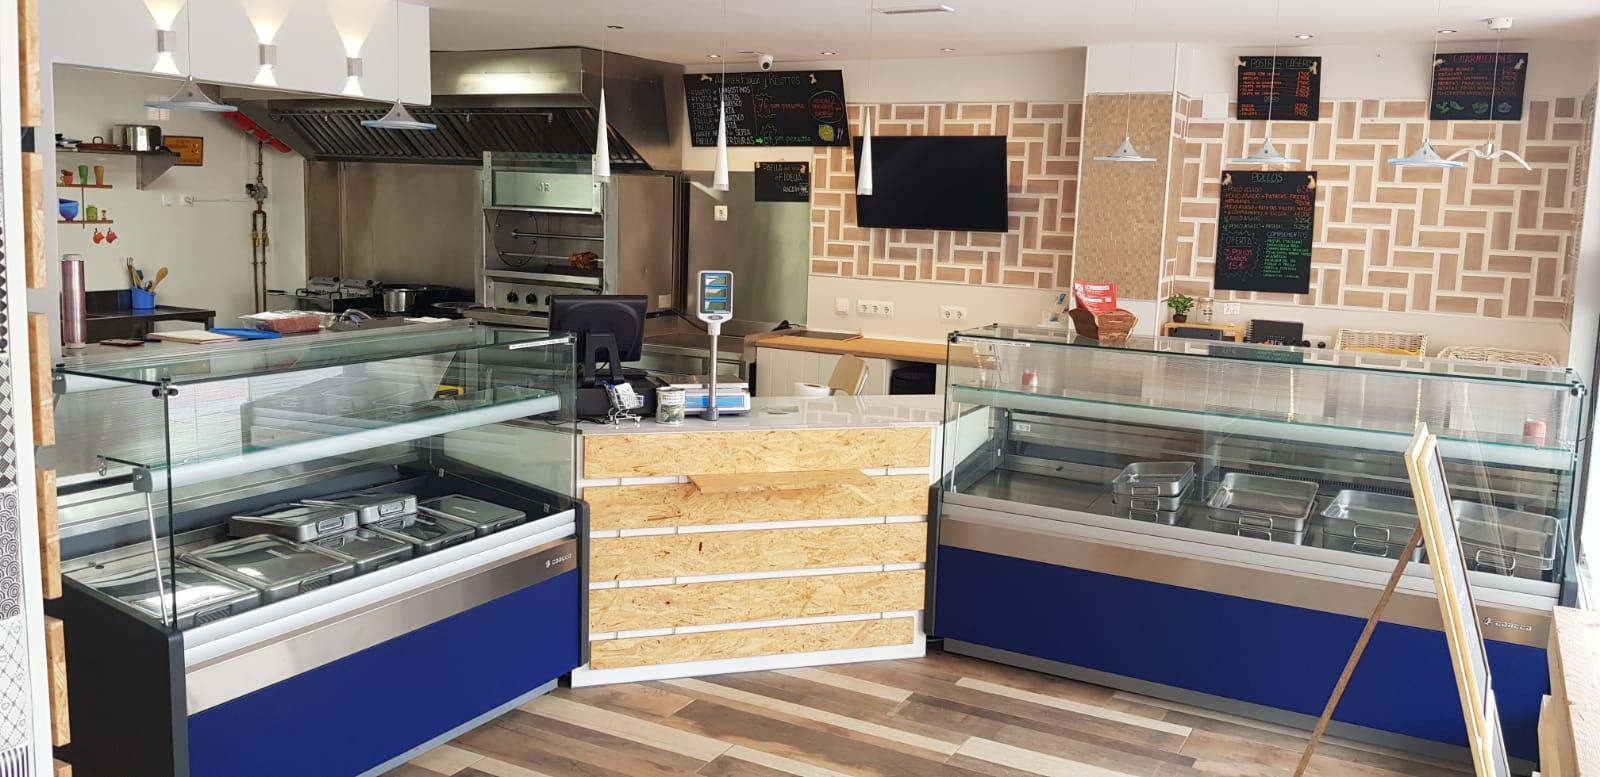 proyectos negocios empresas tiendas cocina platos preparados ...